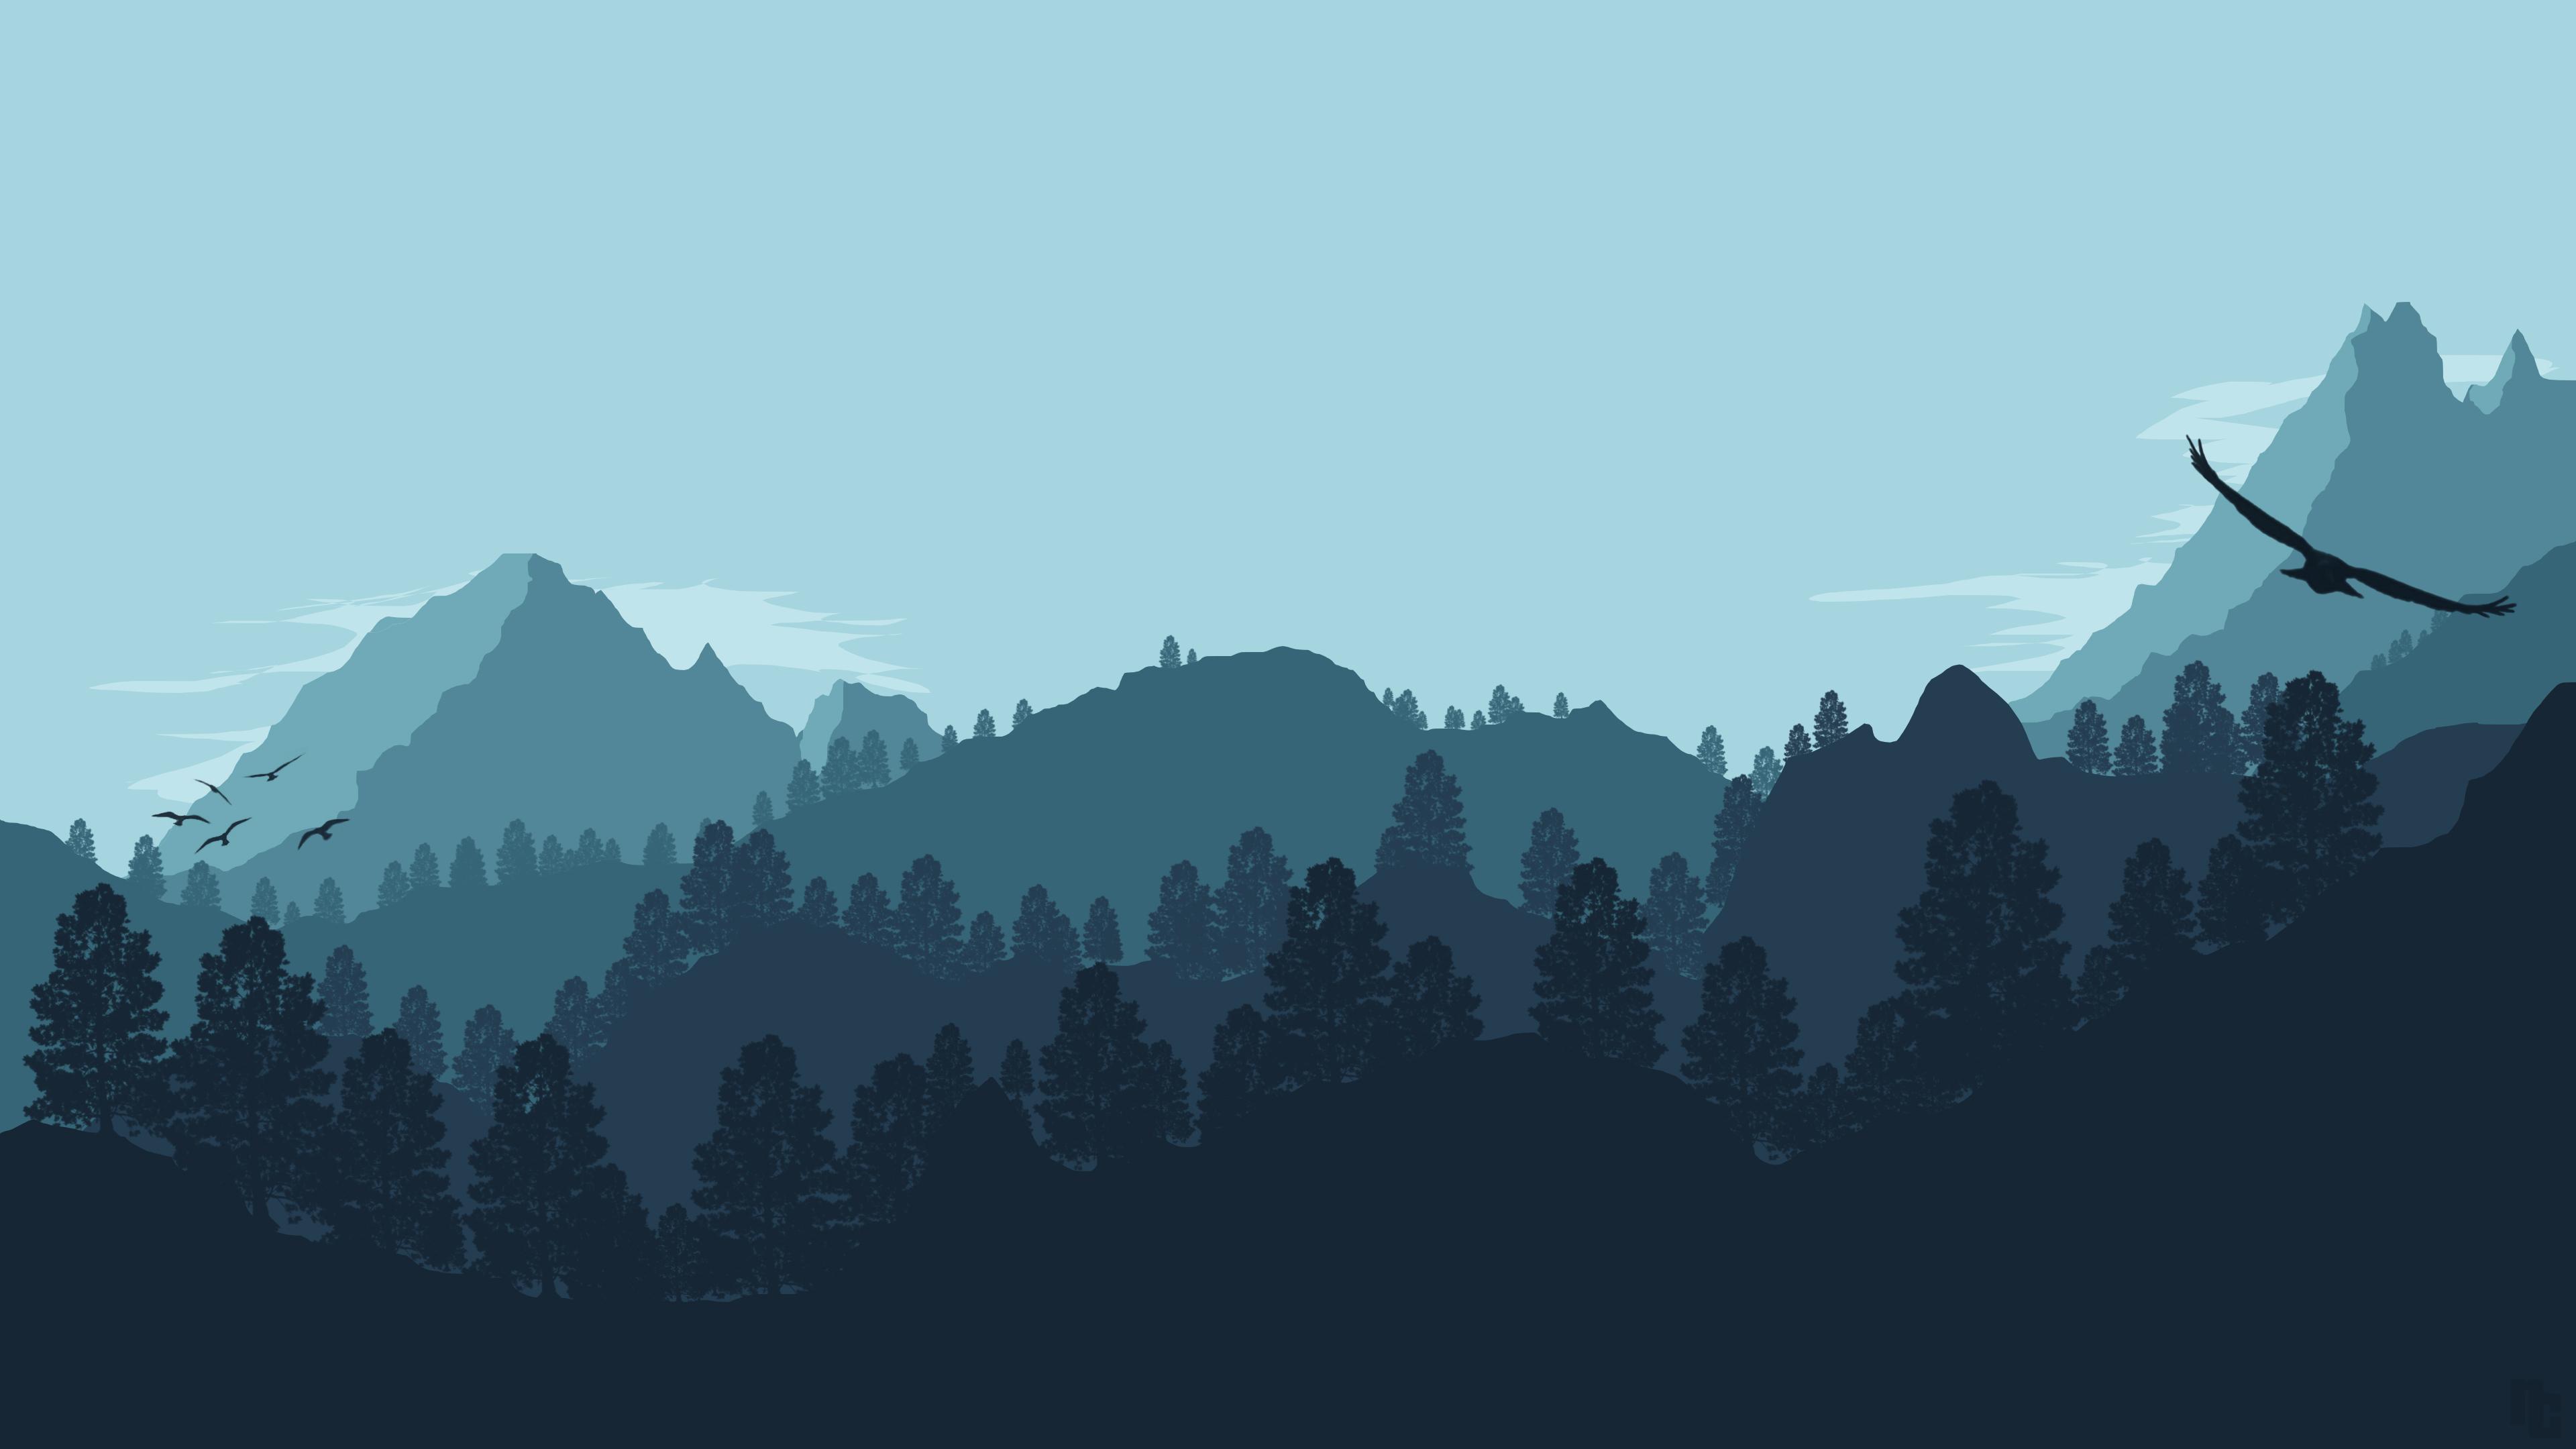 Forest Mountain Artistic Wallpaper, HD Artist 4K ...